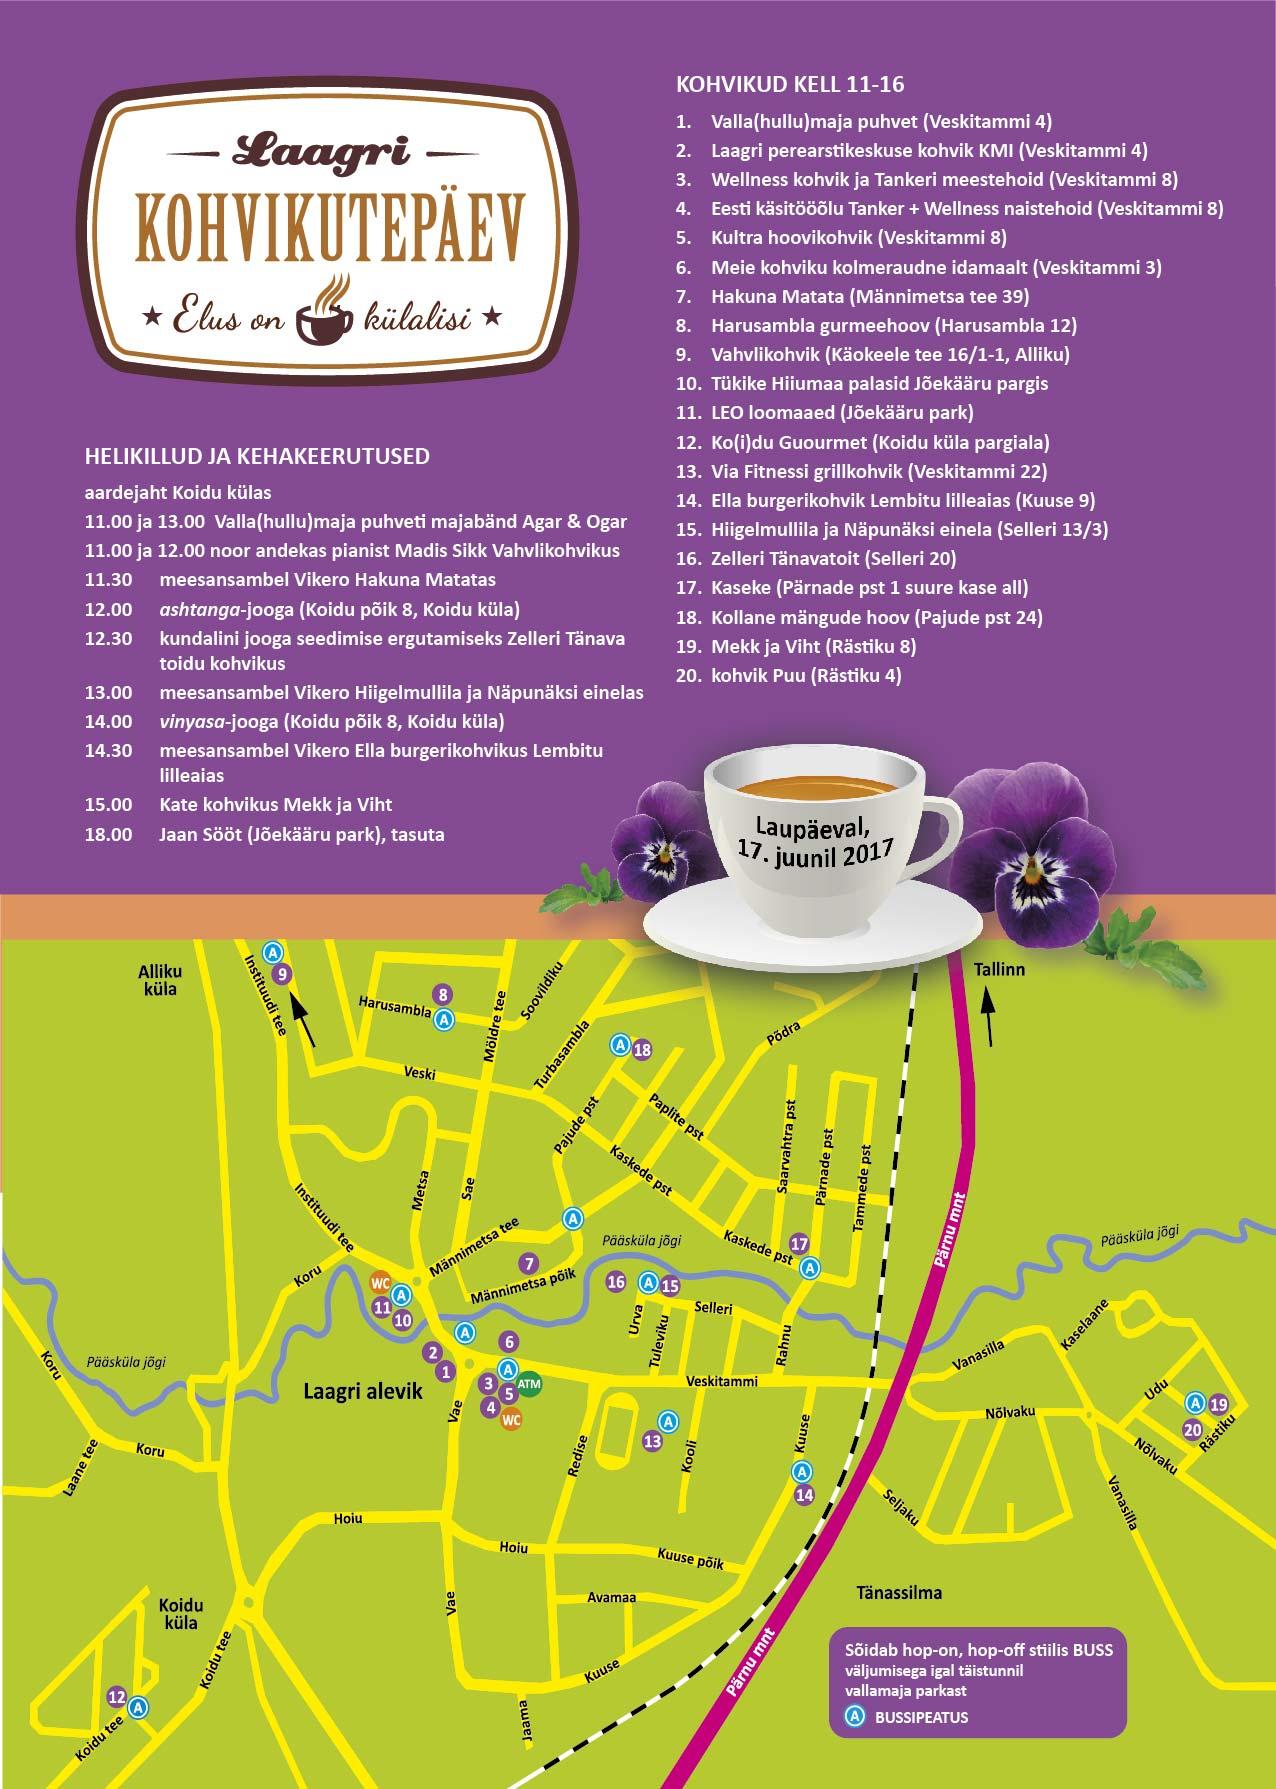 Laagri Kohvikutepäev 2017 koos kaardiga